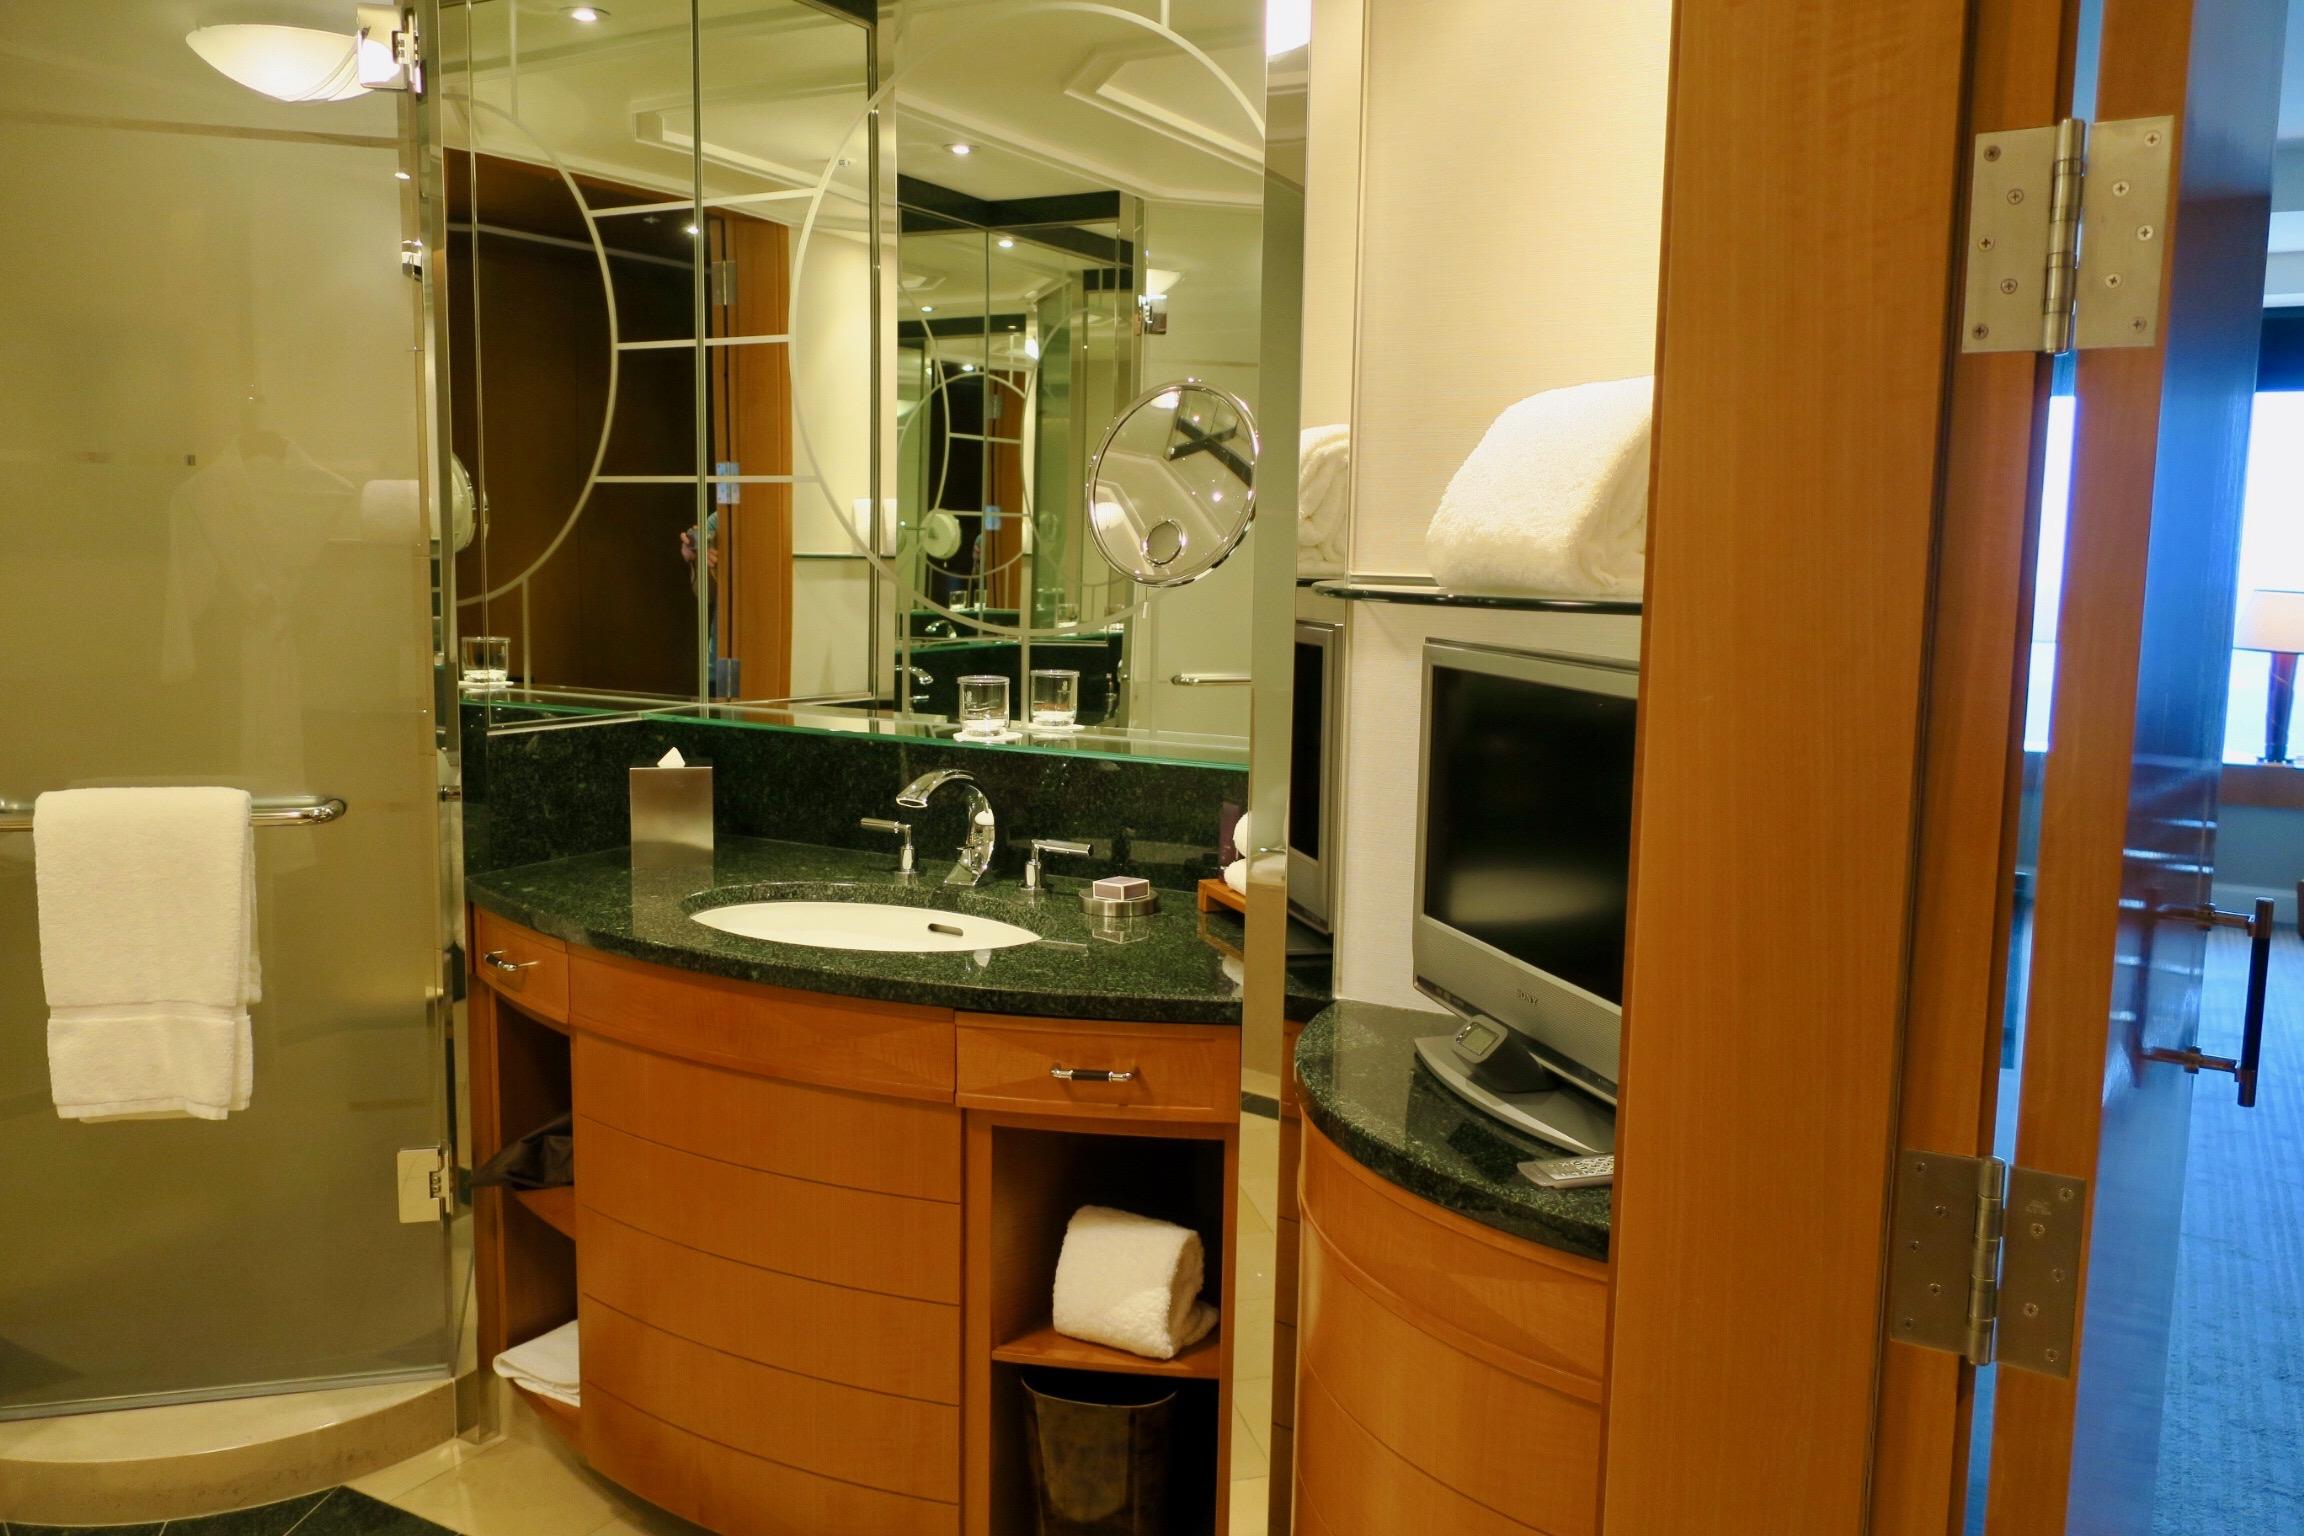 The Ritz-Carlton, Tokyo bathroom